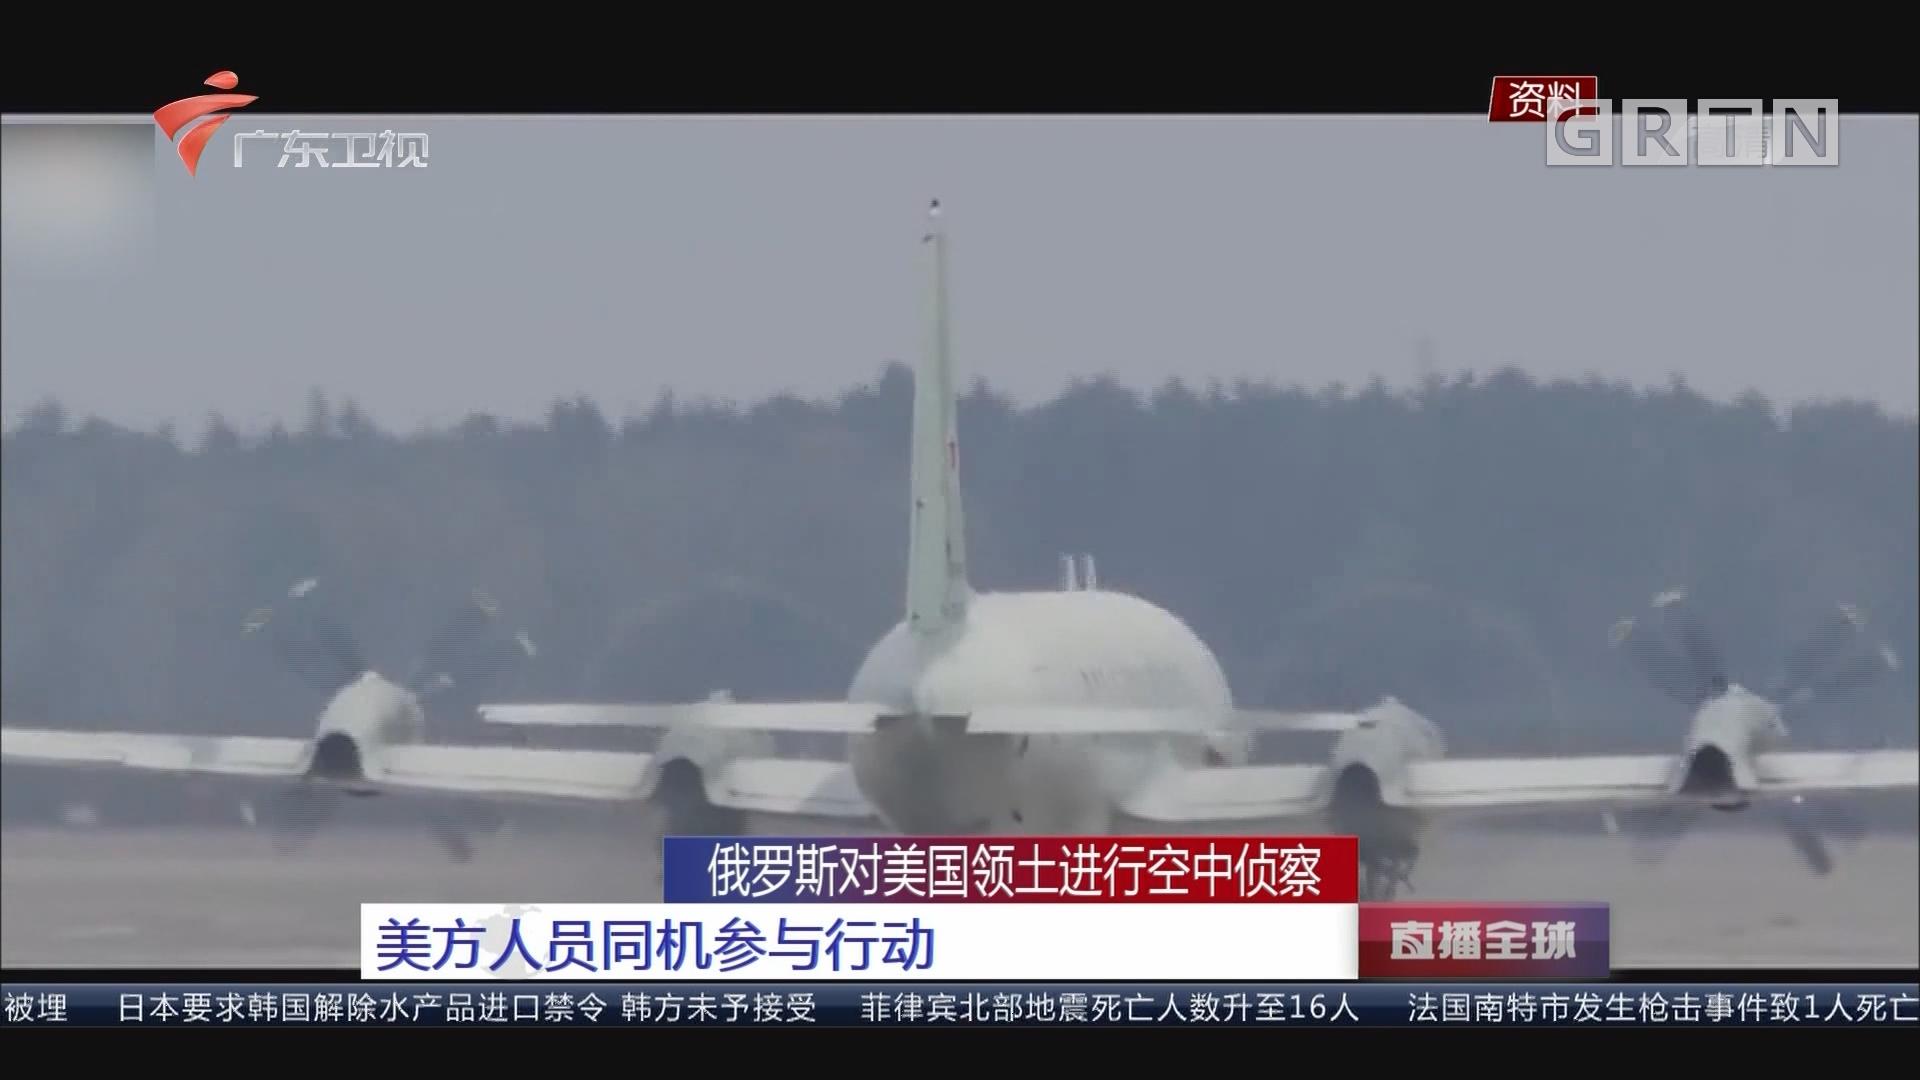 俄罗斯对美国领土进行空中侦察 美方人员同机参与行动